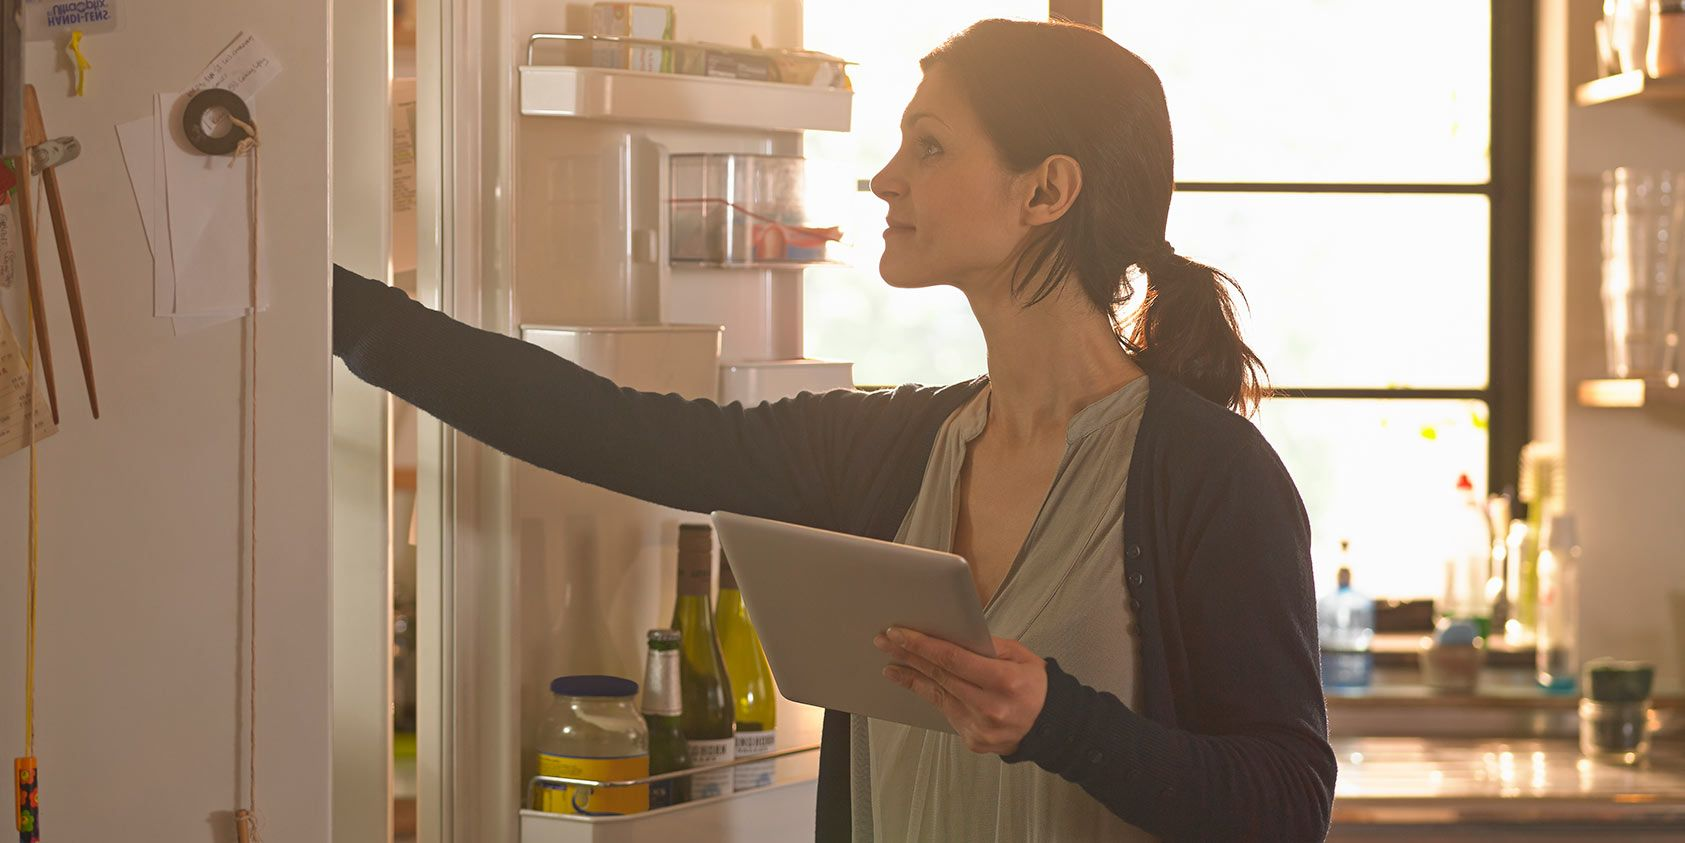 Hoe vaak moet je je koelkast schoonmaken